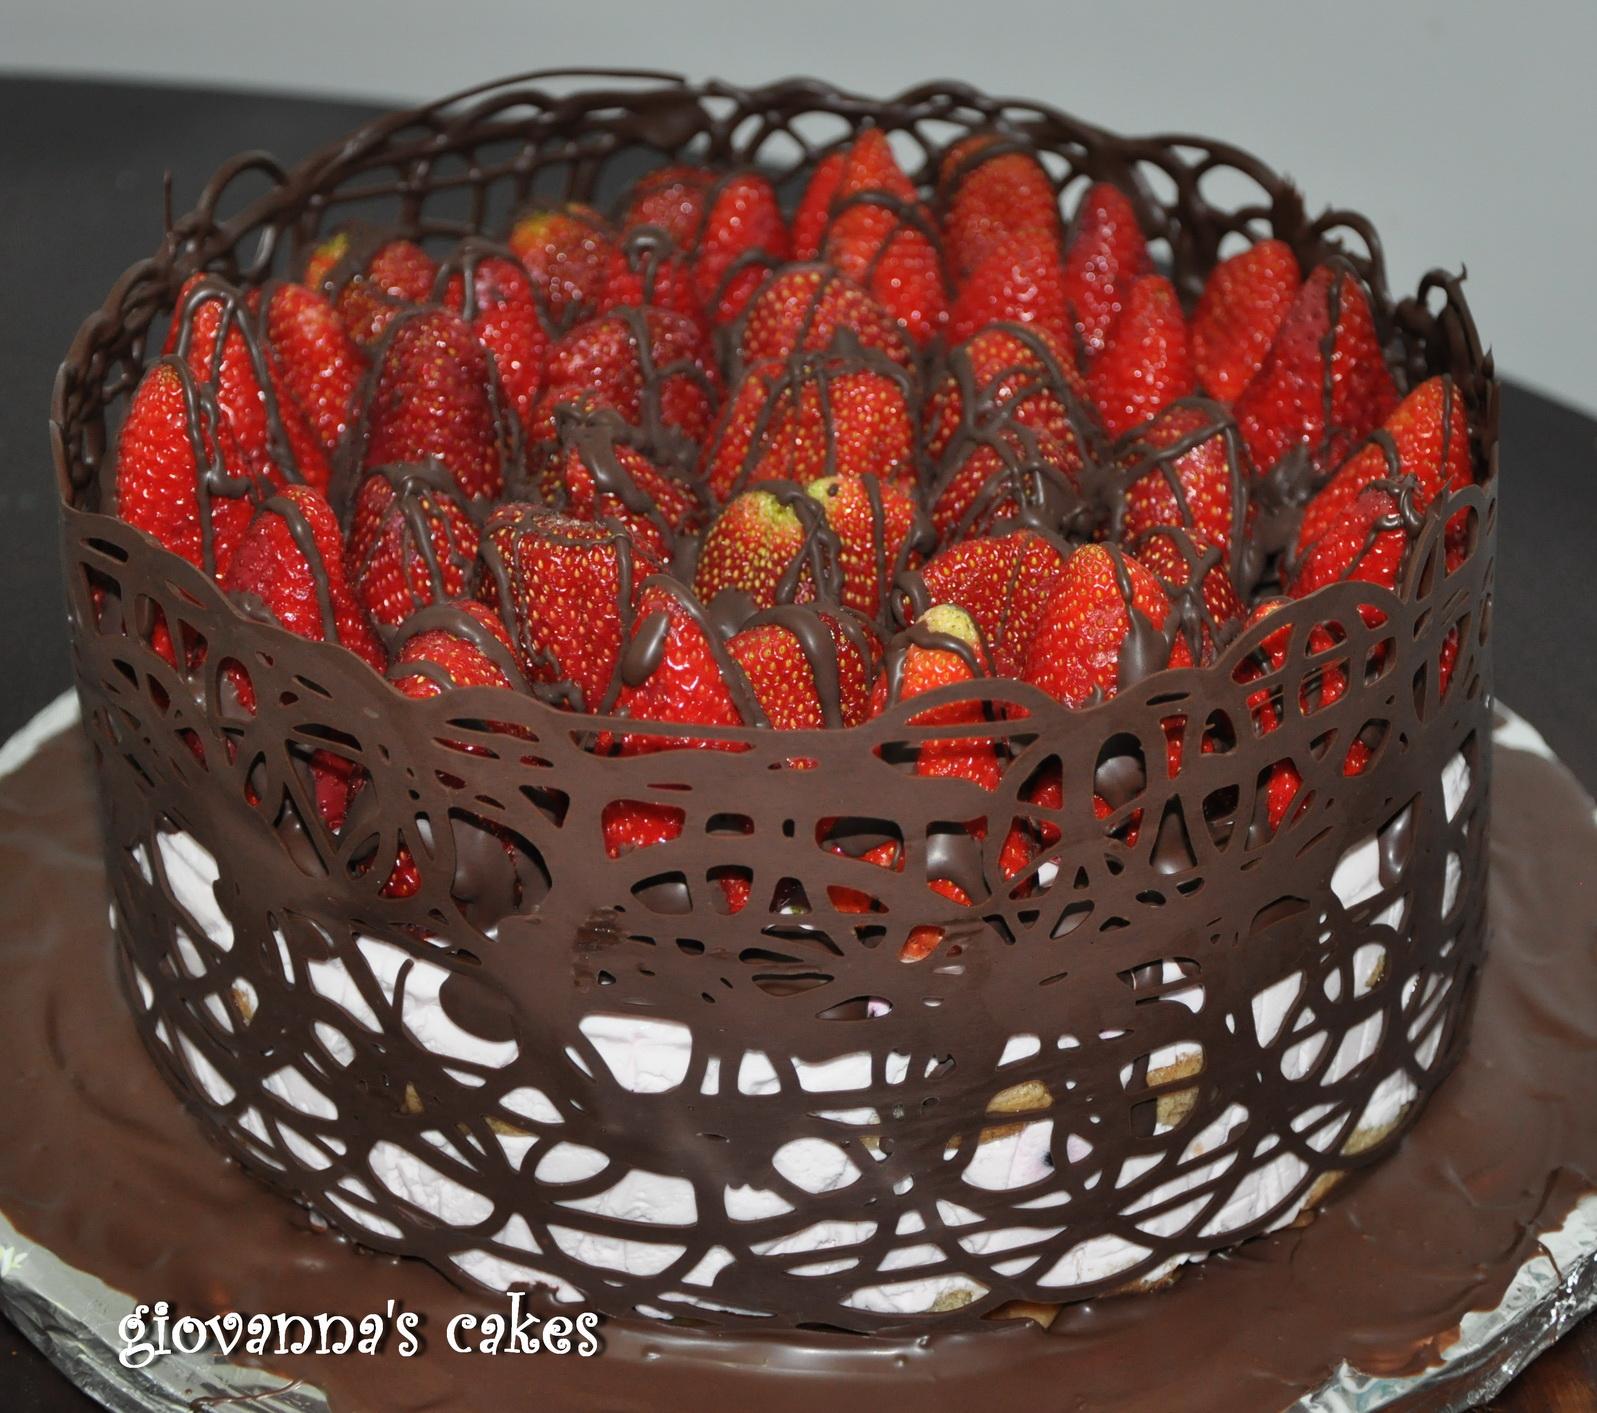 Giovannas Cakes Chocolate Decorated